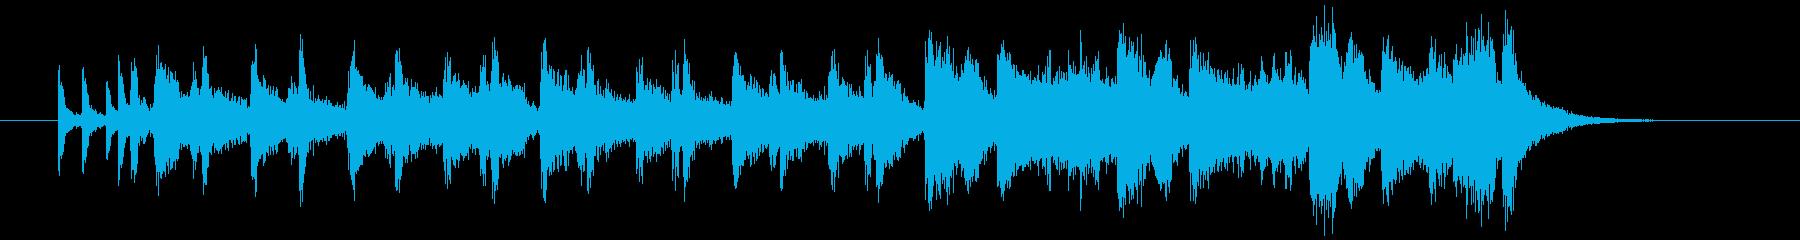 ドラム混じりの明るいシンセサイザーの曲の再生済みの波形